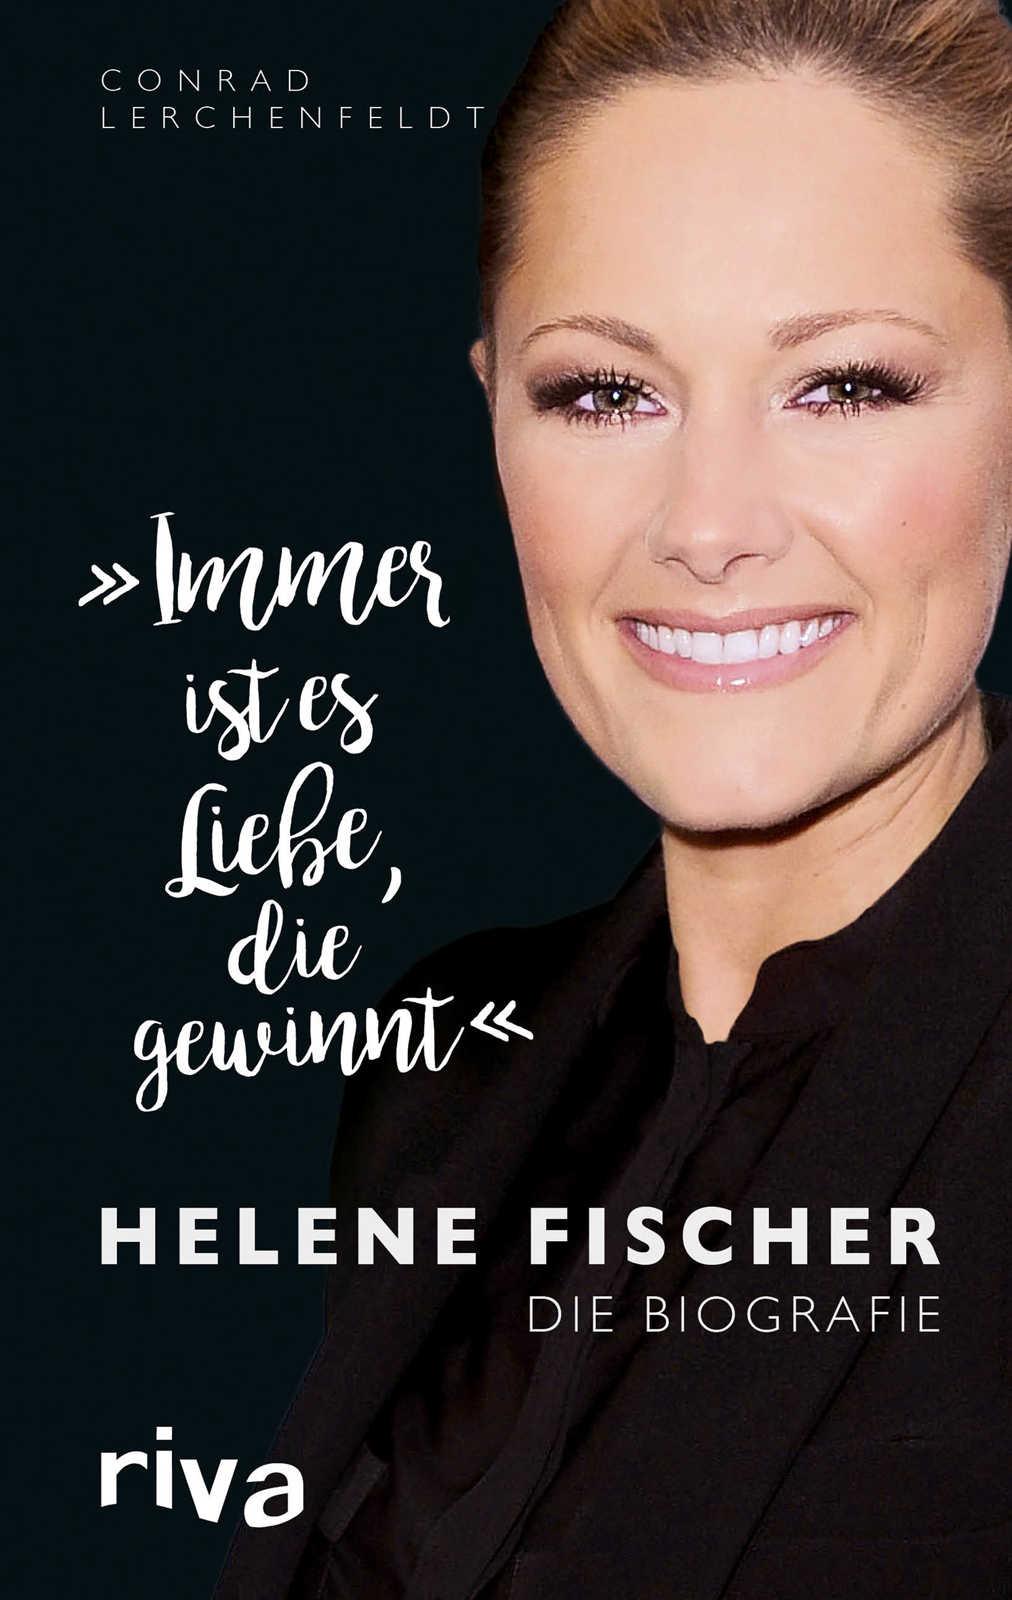 """Helene Fischer, aktualisierte Bio: """"Immer ist es Liebe, die gewinnt"""""""